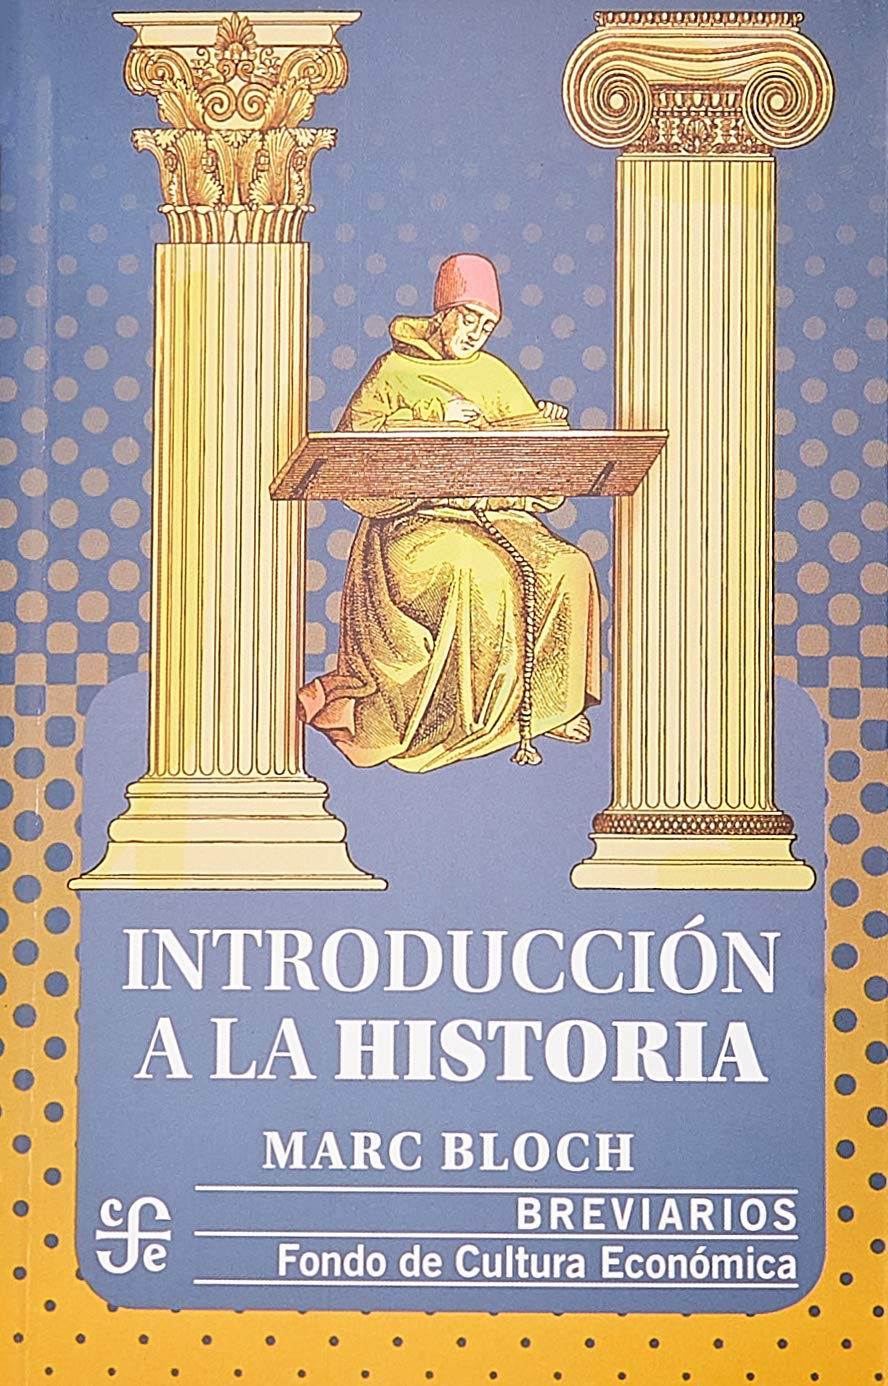 Introducción a la historia (Breviarios): Amazon.es: Bloch, Marc: Libros